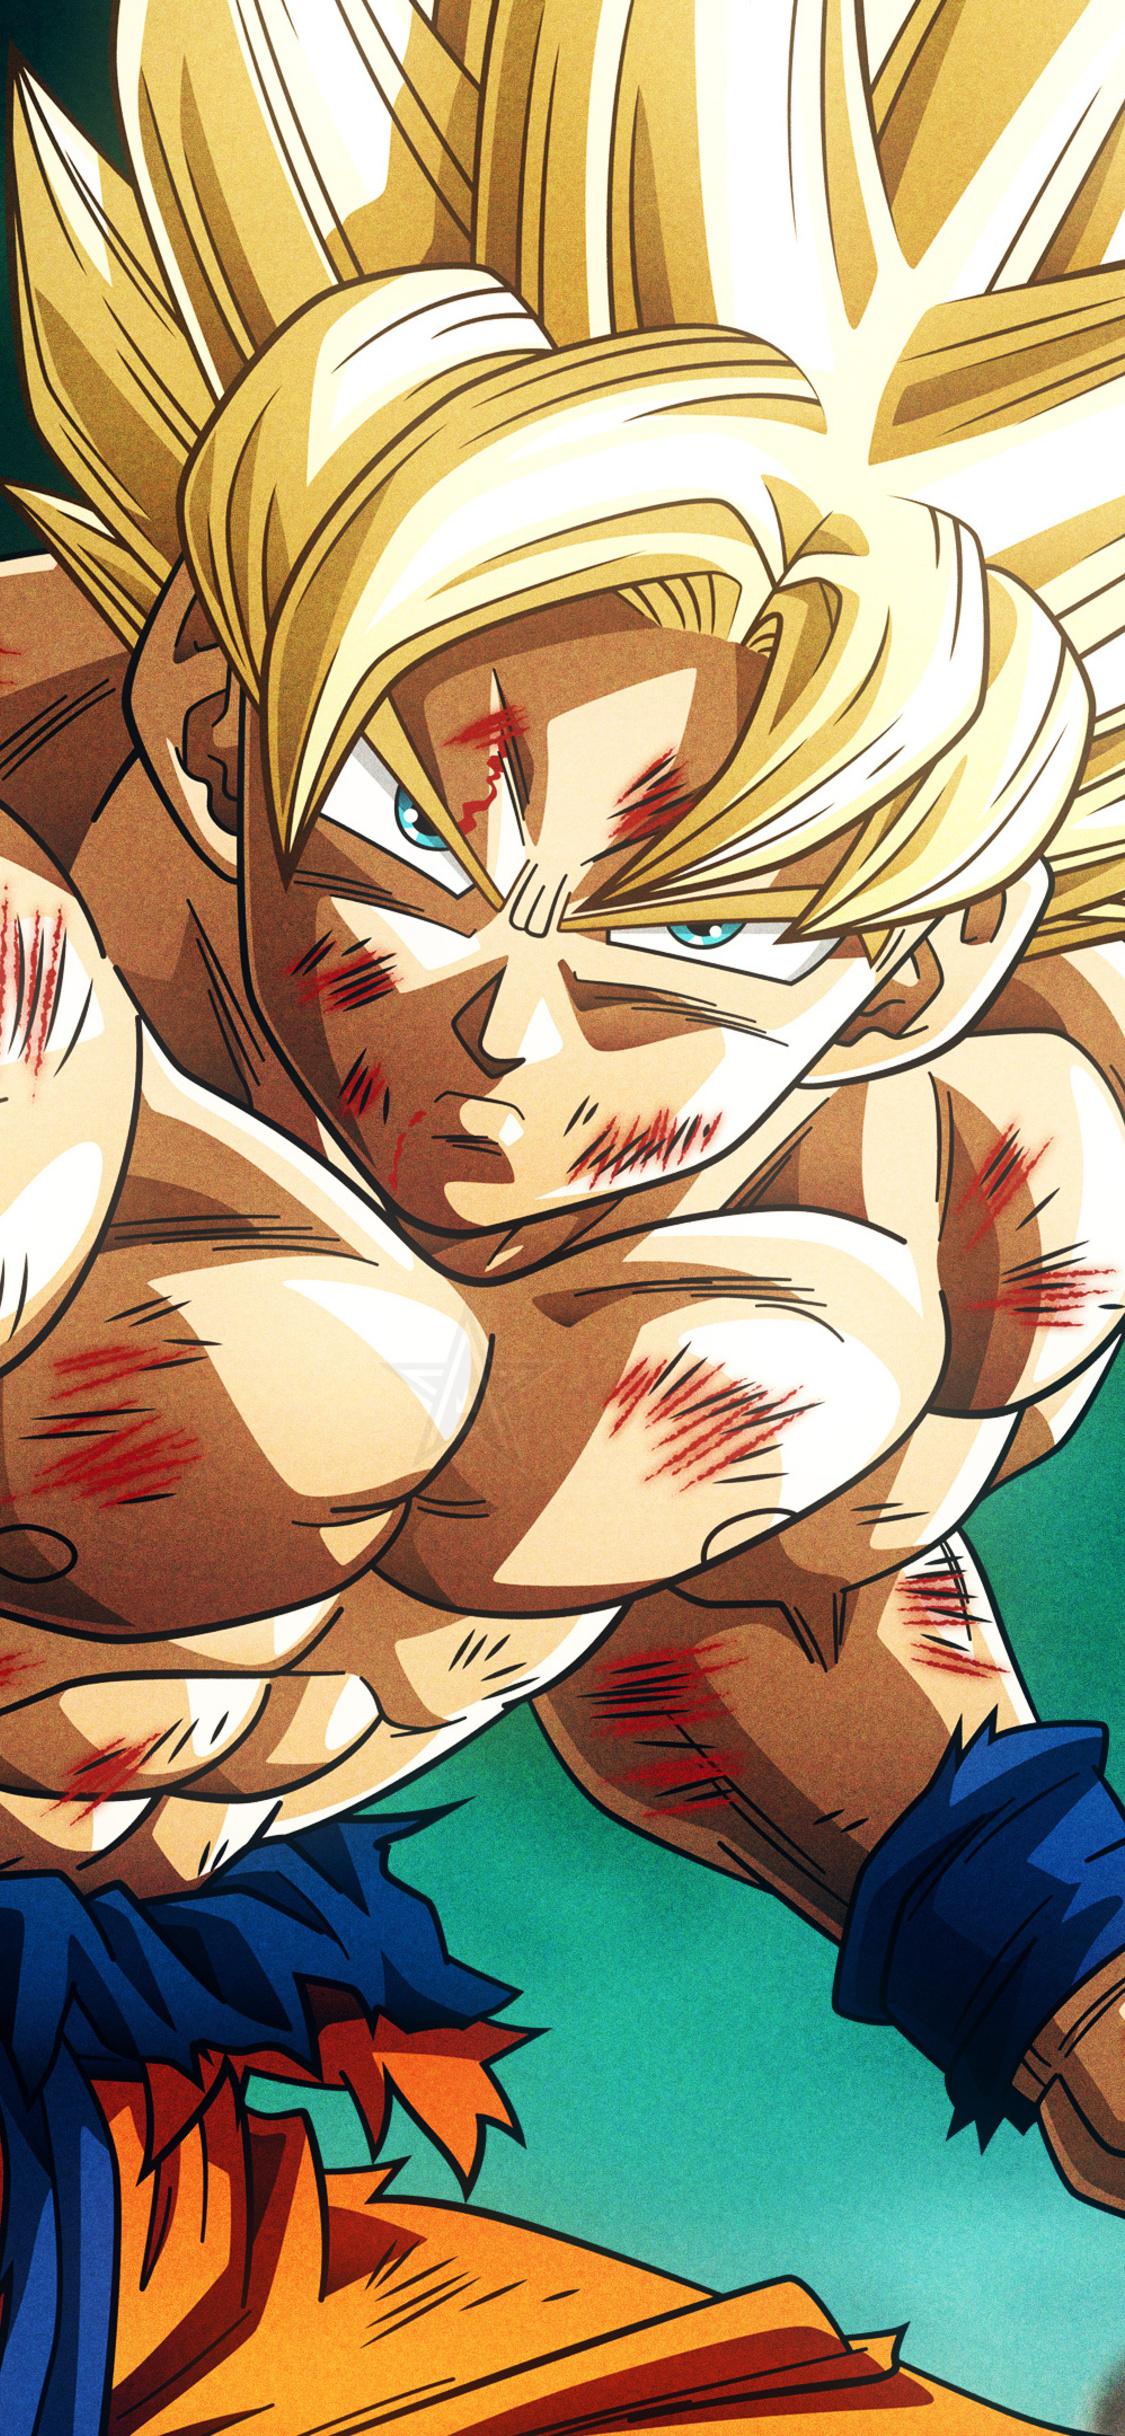 1125x2436 Super Saiyan Son Goku Dragon Ball Z 4k Iphone Xs Iphone 10